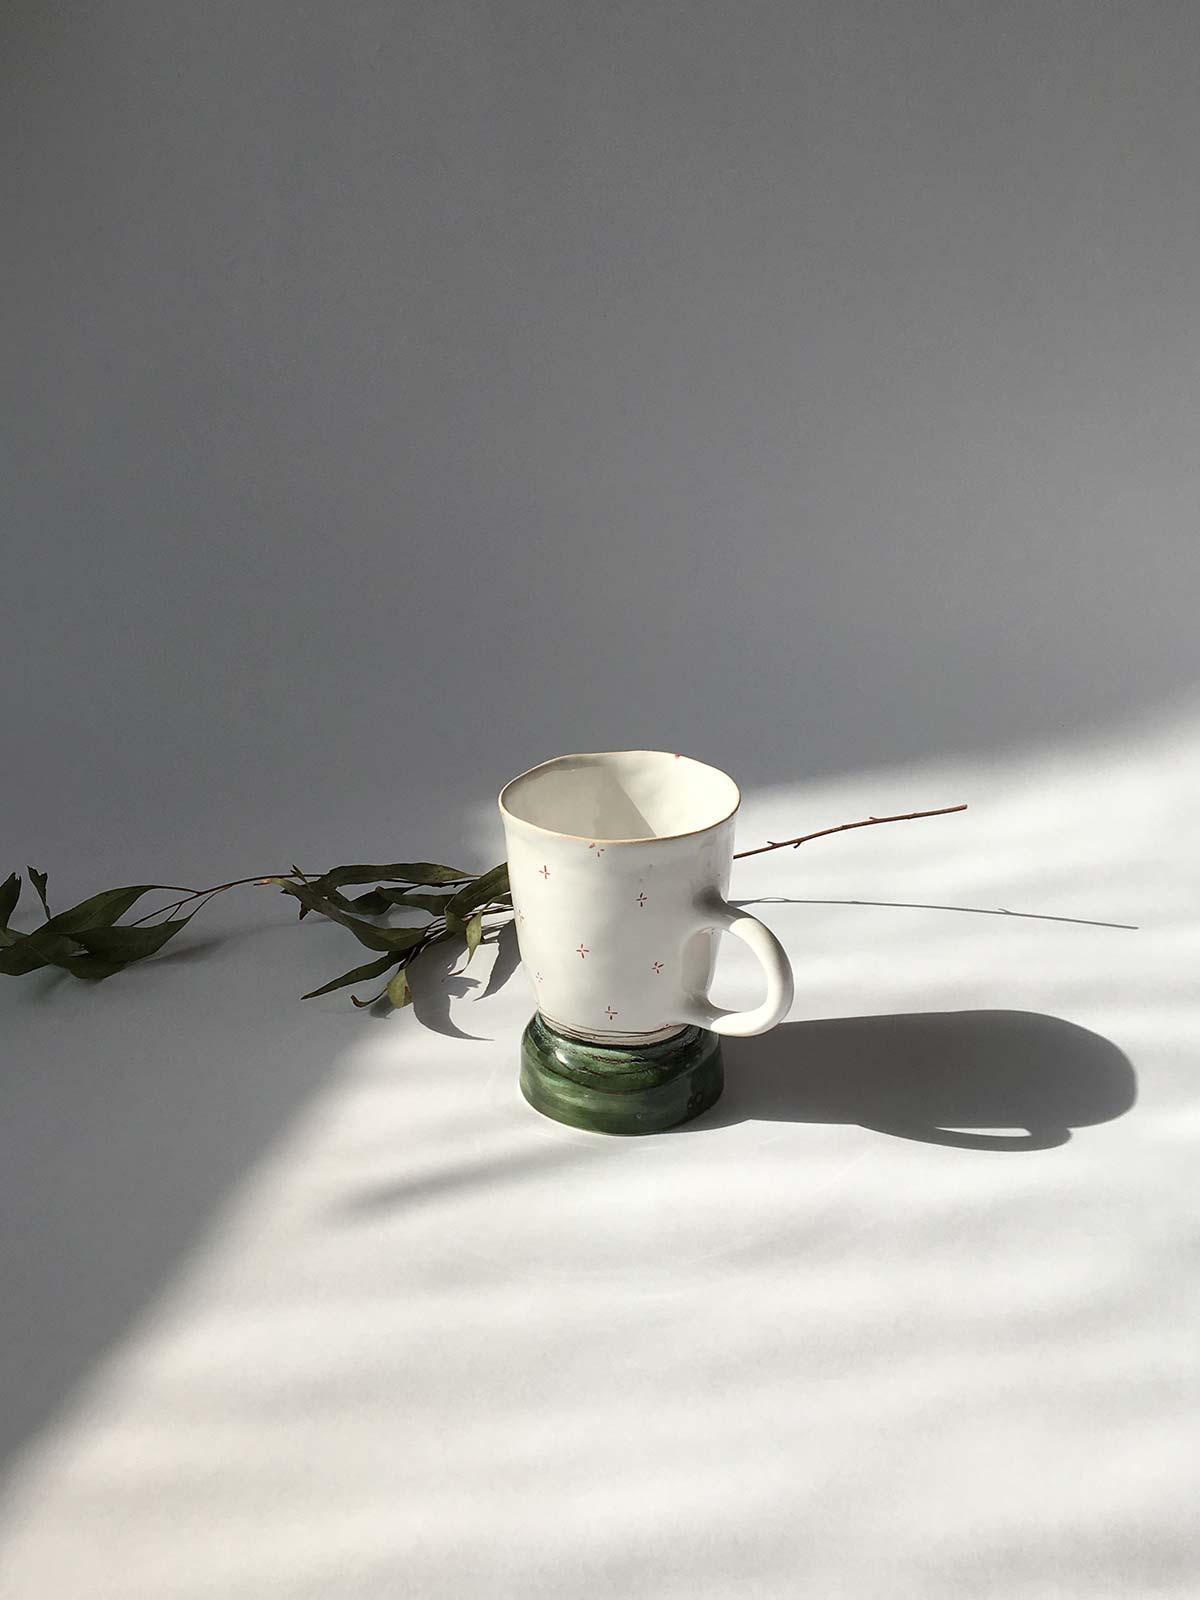 Вид сбоку - Керамическая чайная чашка (Ручная работа)